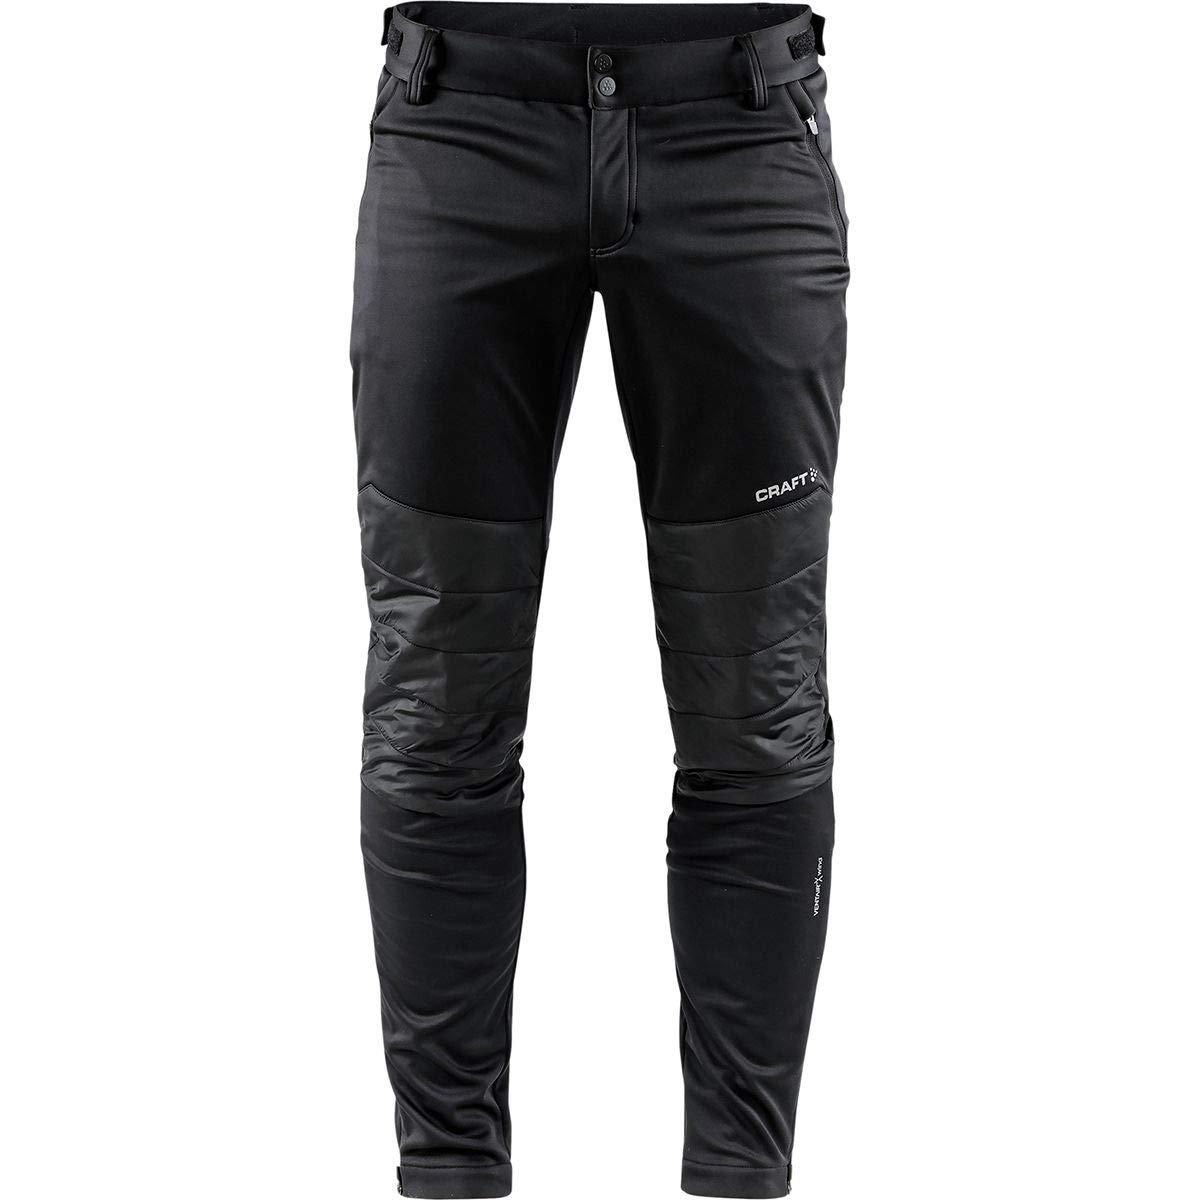 [クラフト Craft] メンズ スポーツ サイクリング Verve Xp Pant [並行輸入品] L  B07P5D47RC